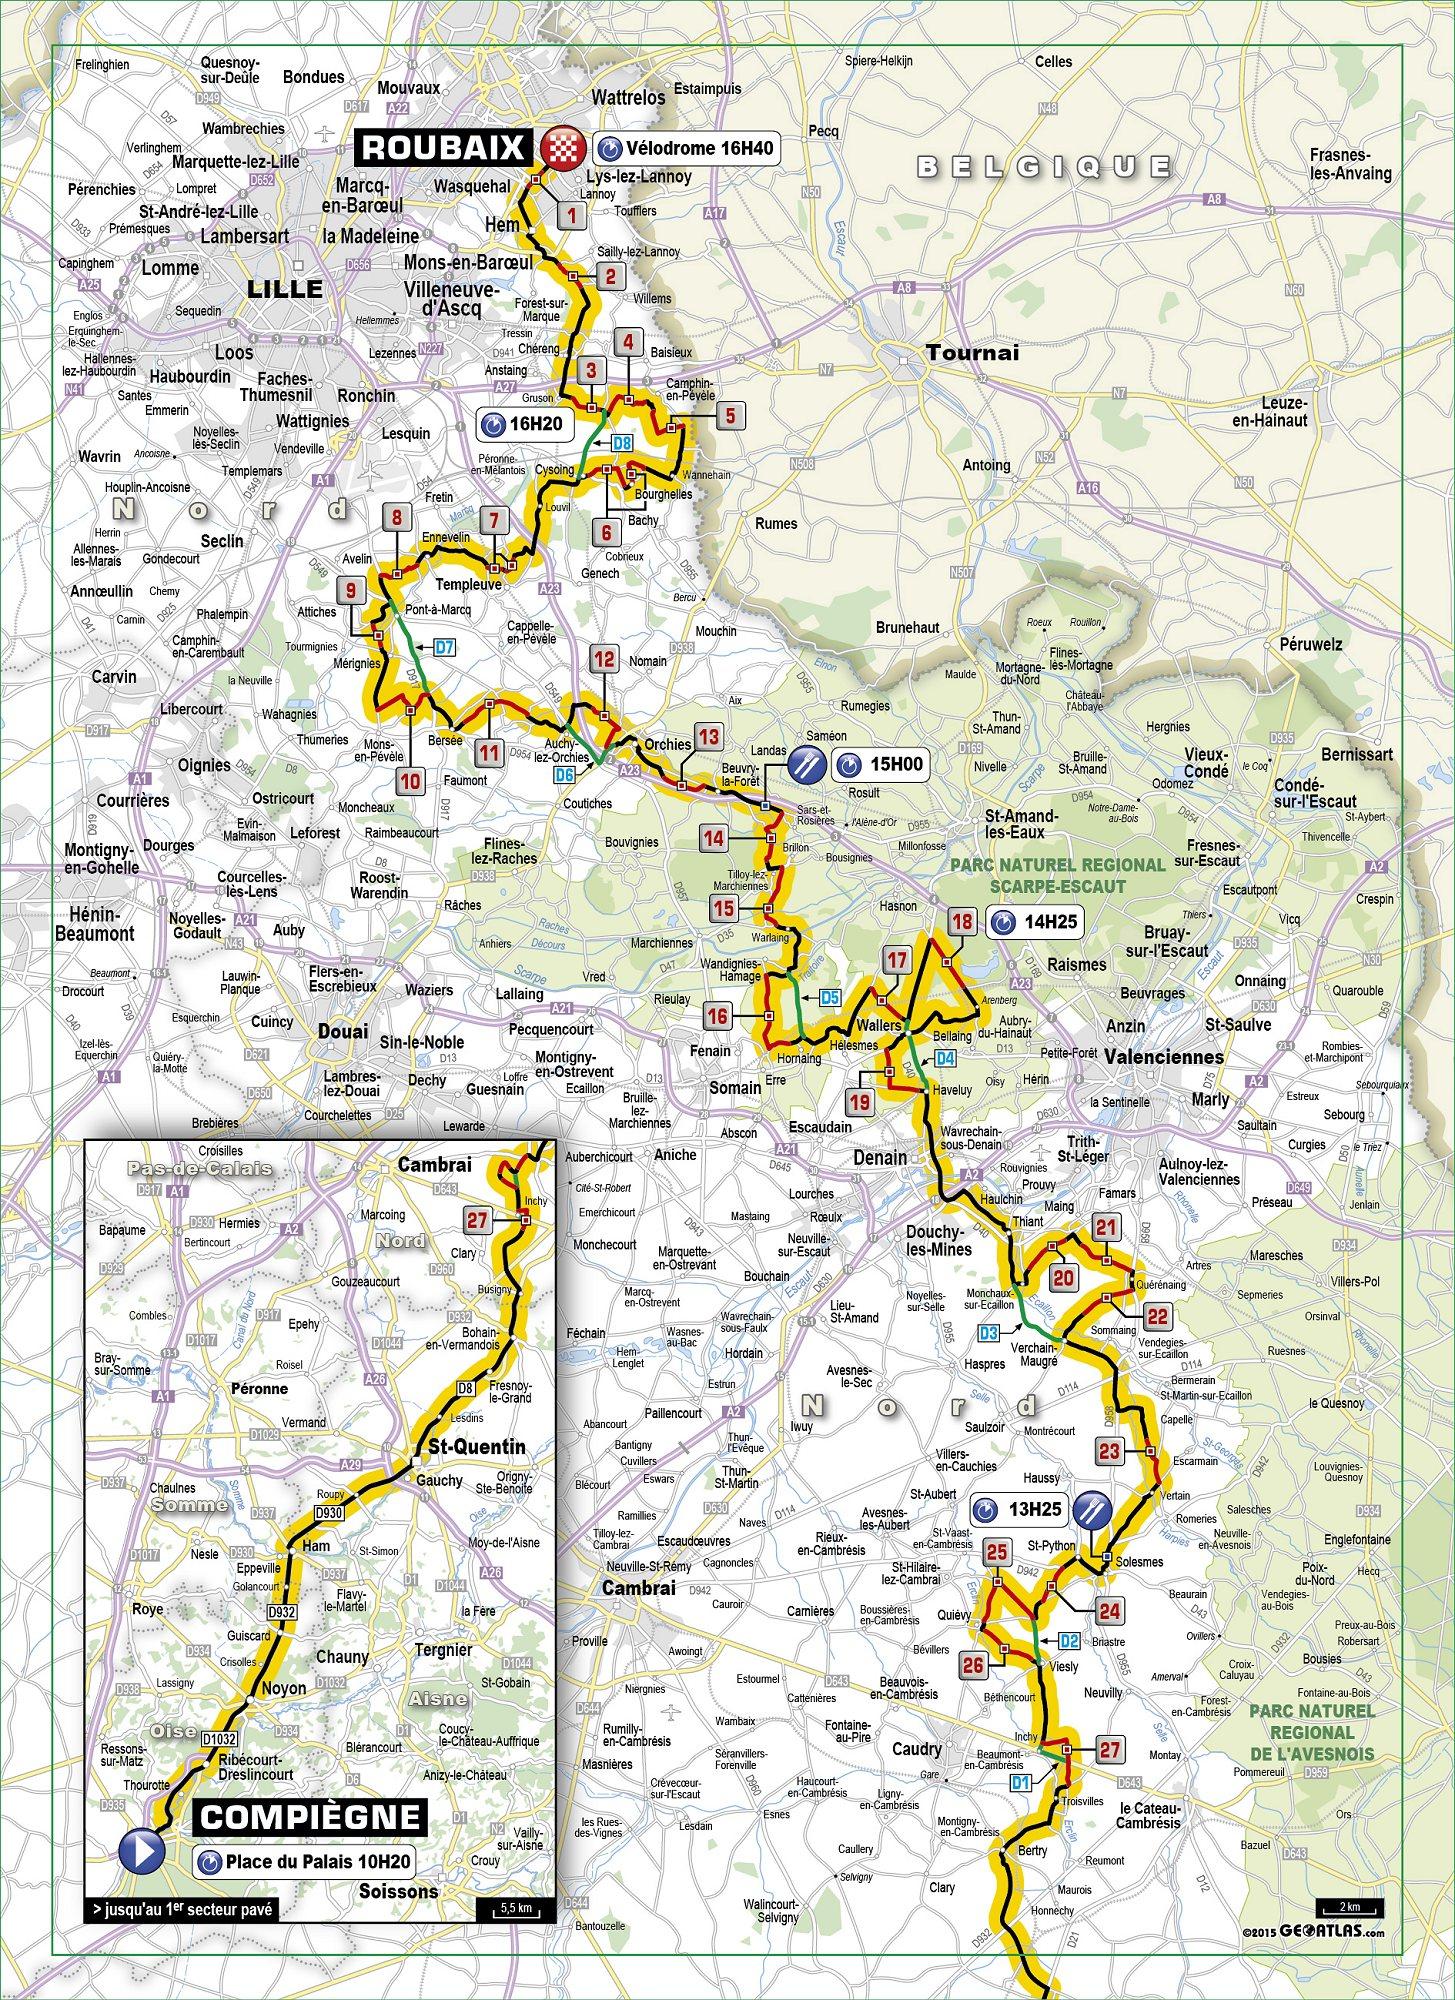 2015 ParisRoubaix Map Cobbles velouknet